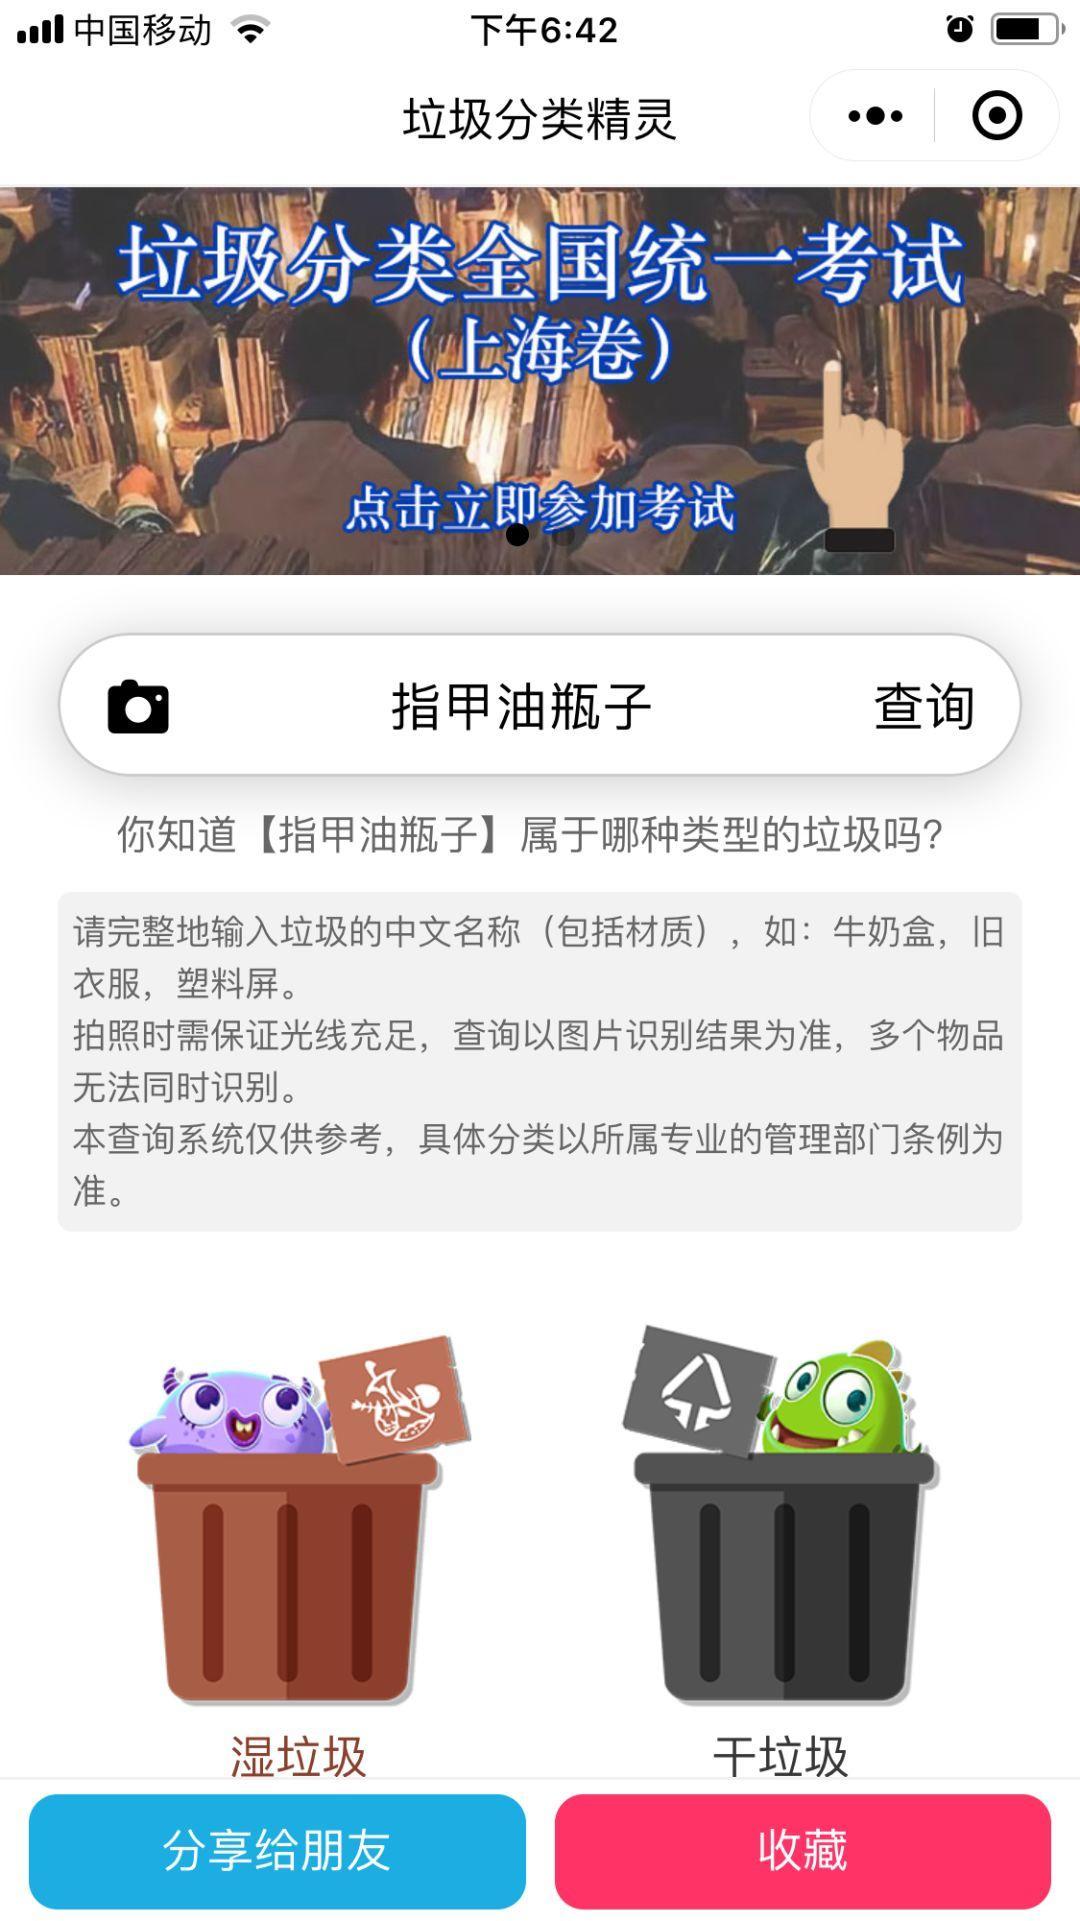 在我们上海居民被垃圾逼疯时,有人已找到了商机